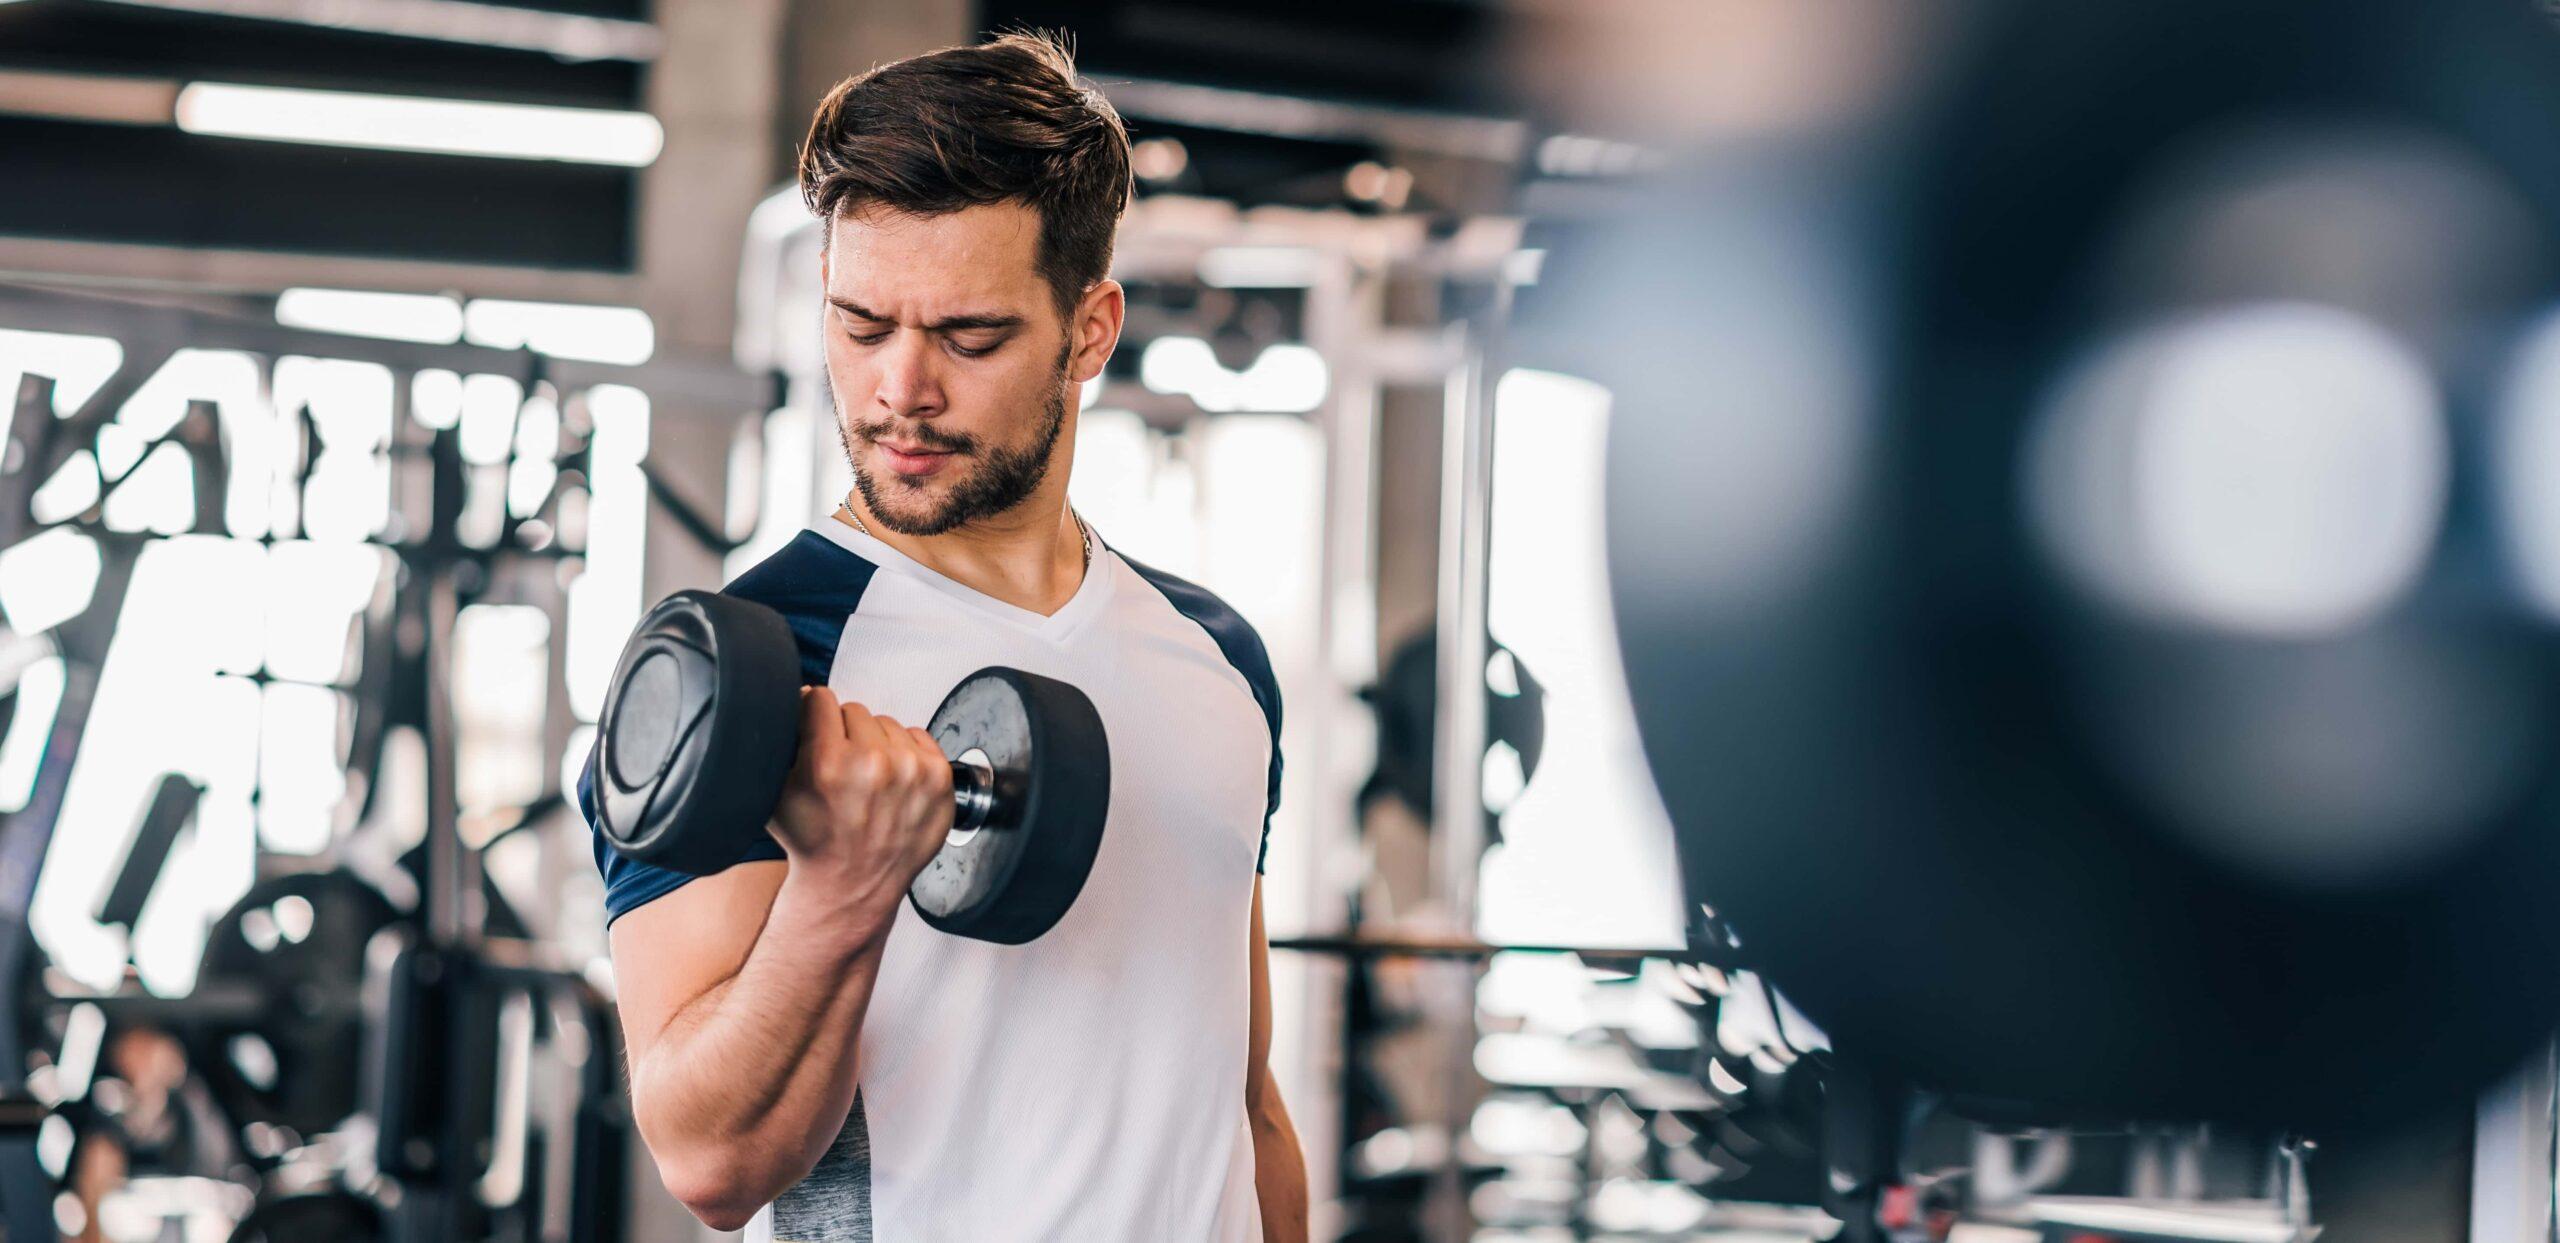 come aumentare la massa muscolare in palestra